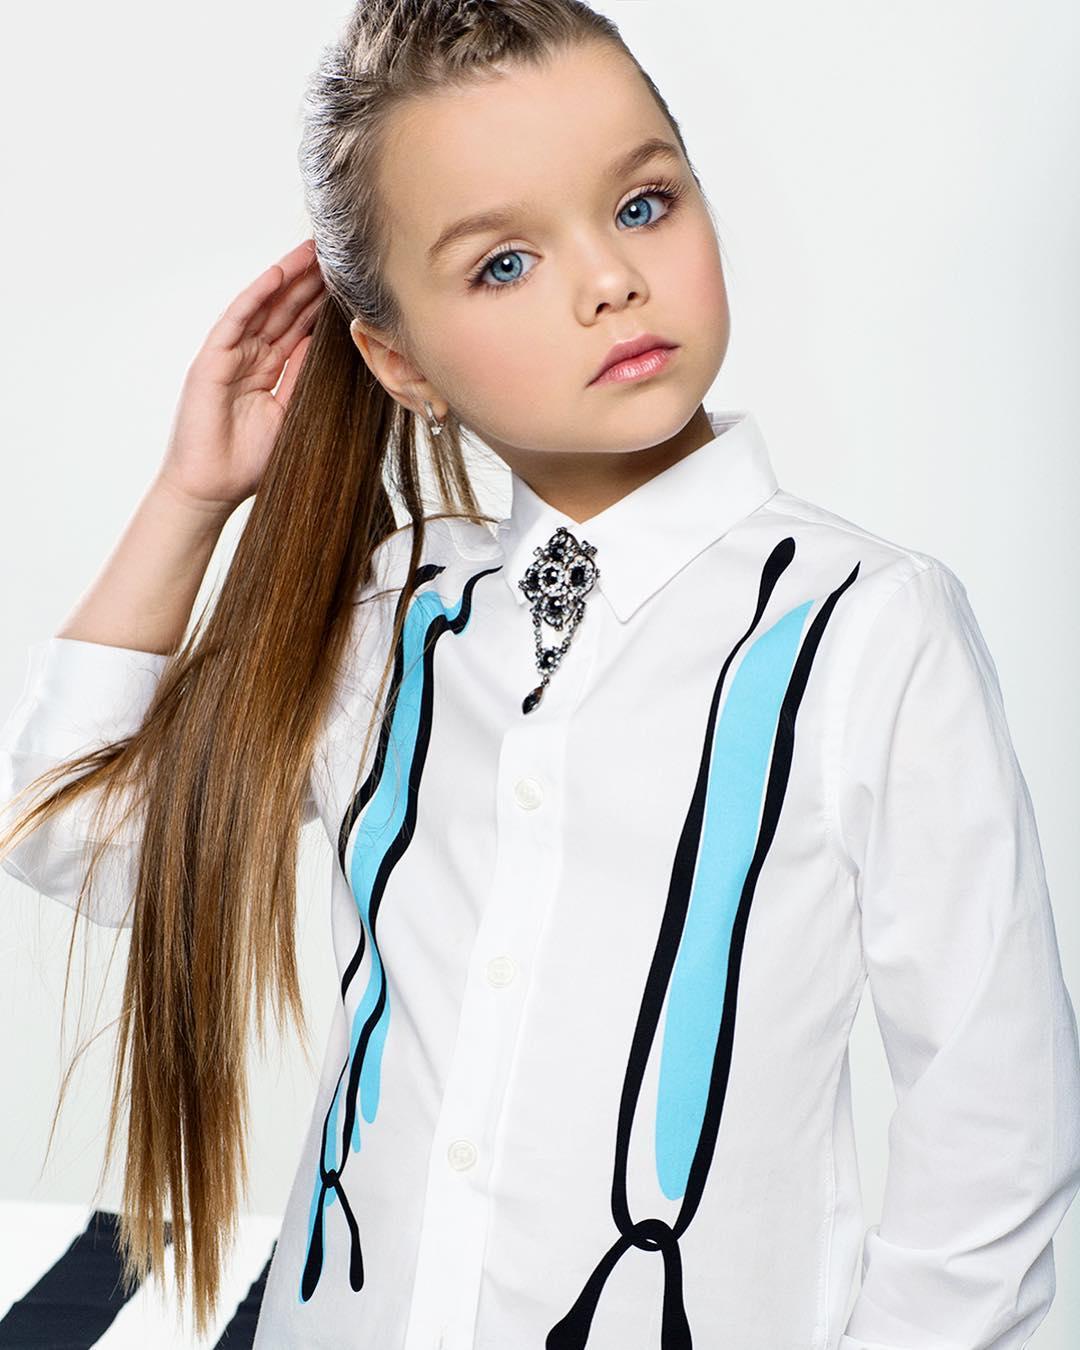 画像: 髪の毛をポニーテールにし、大人っぽく。 © anna_knyazeva_official